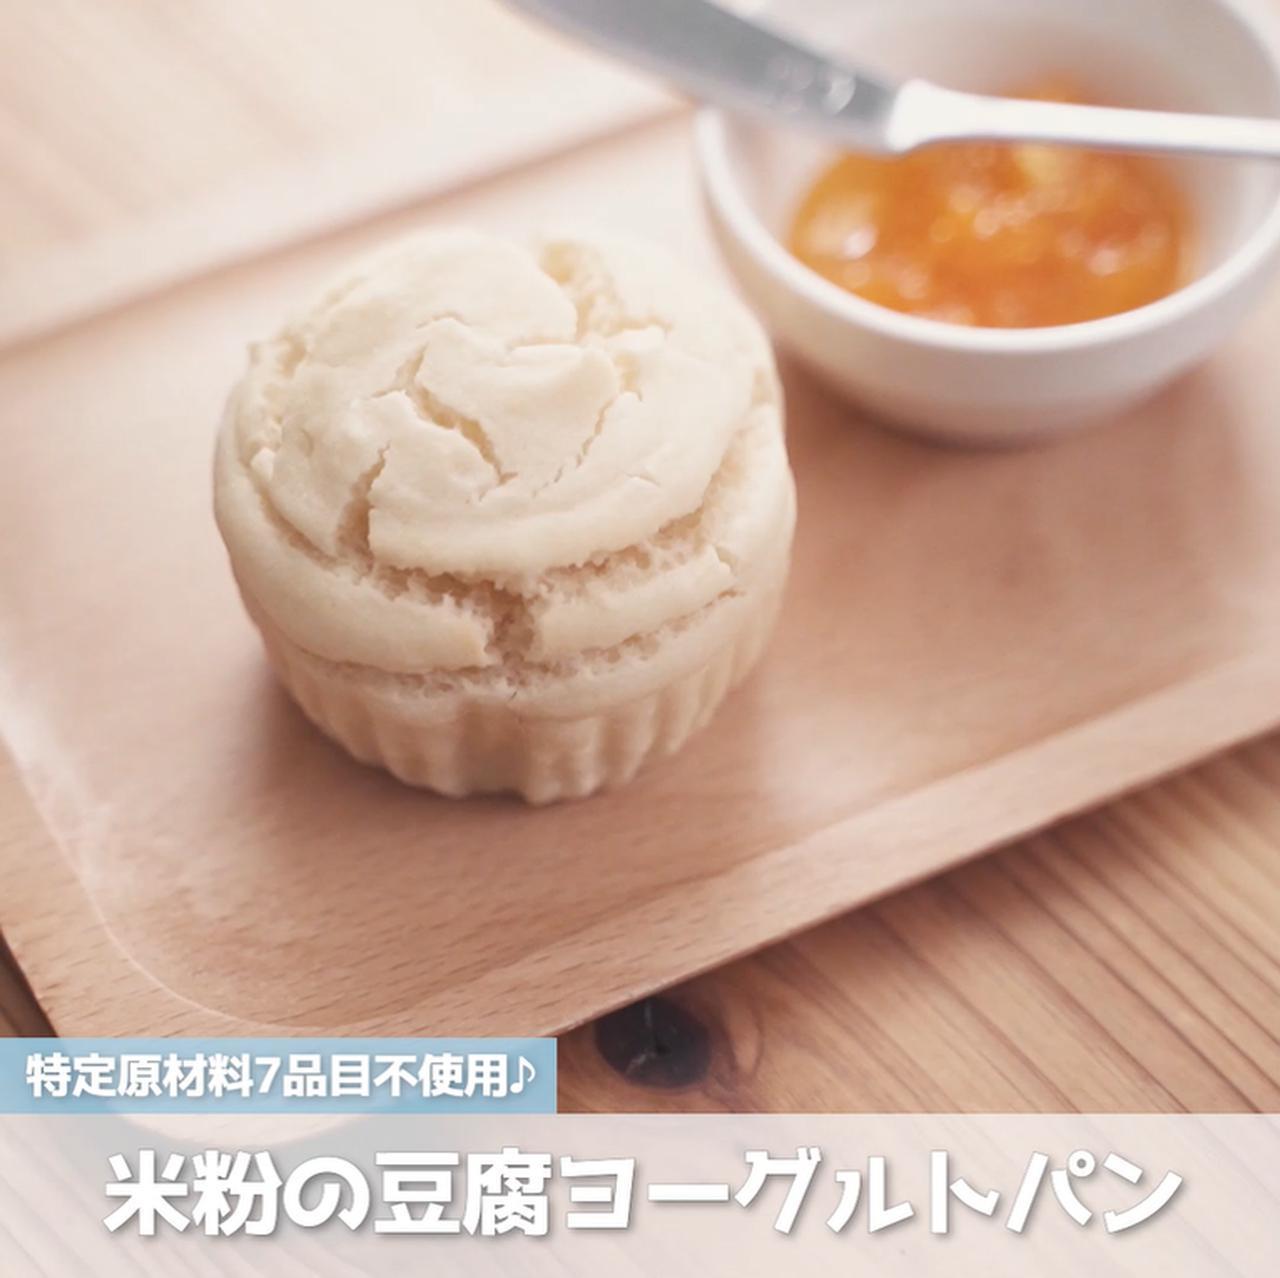 画像: 発酵なしの手作りパン!ふわふわの決め手は、豆腐と豆乳ヨーグルト!?米粉の豆腐ヨーグルトパン - 君とごはん